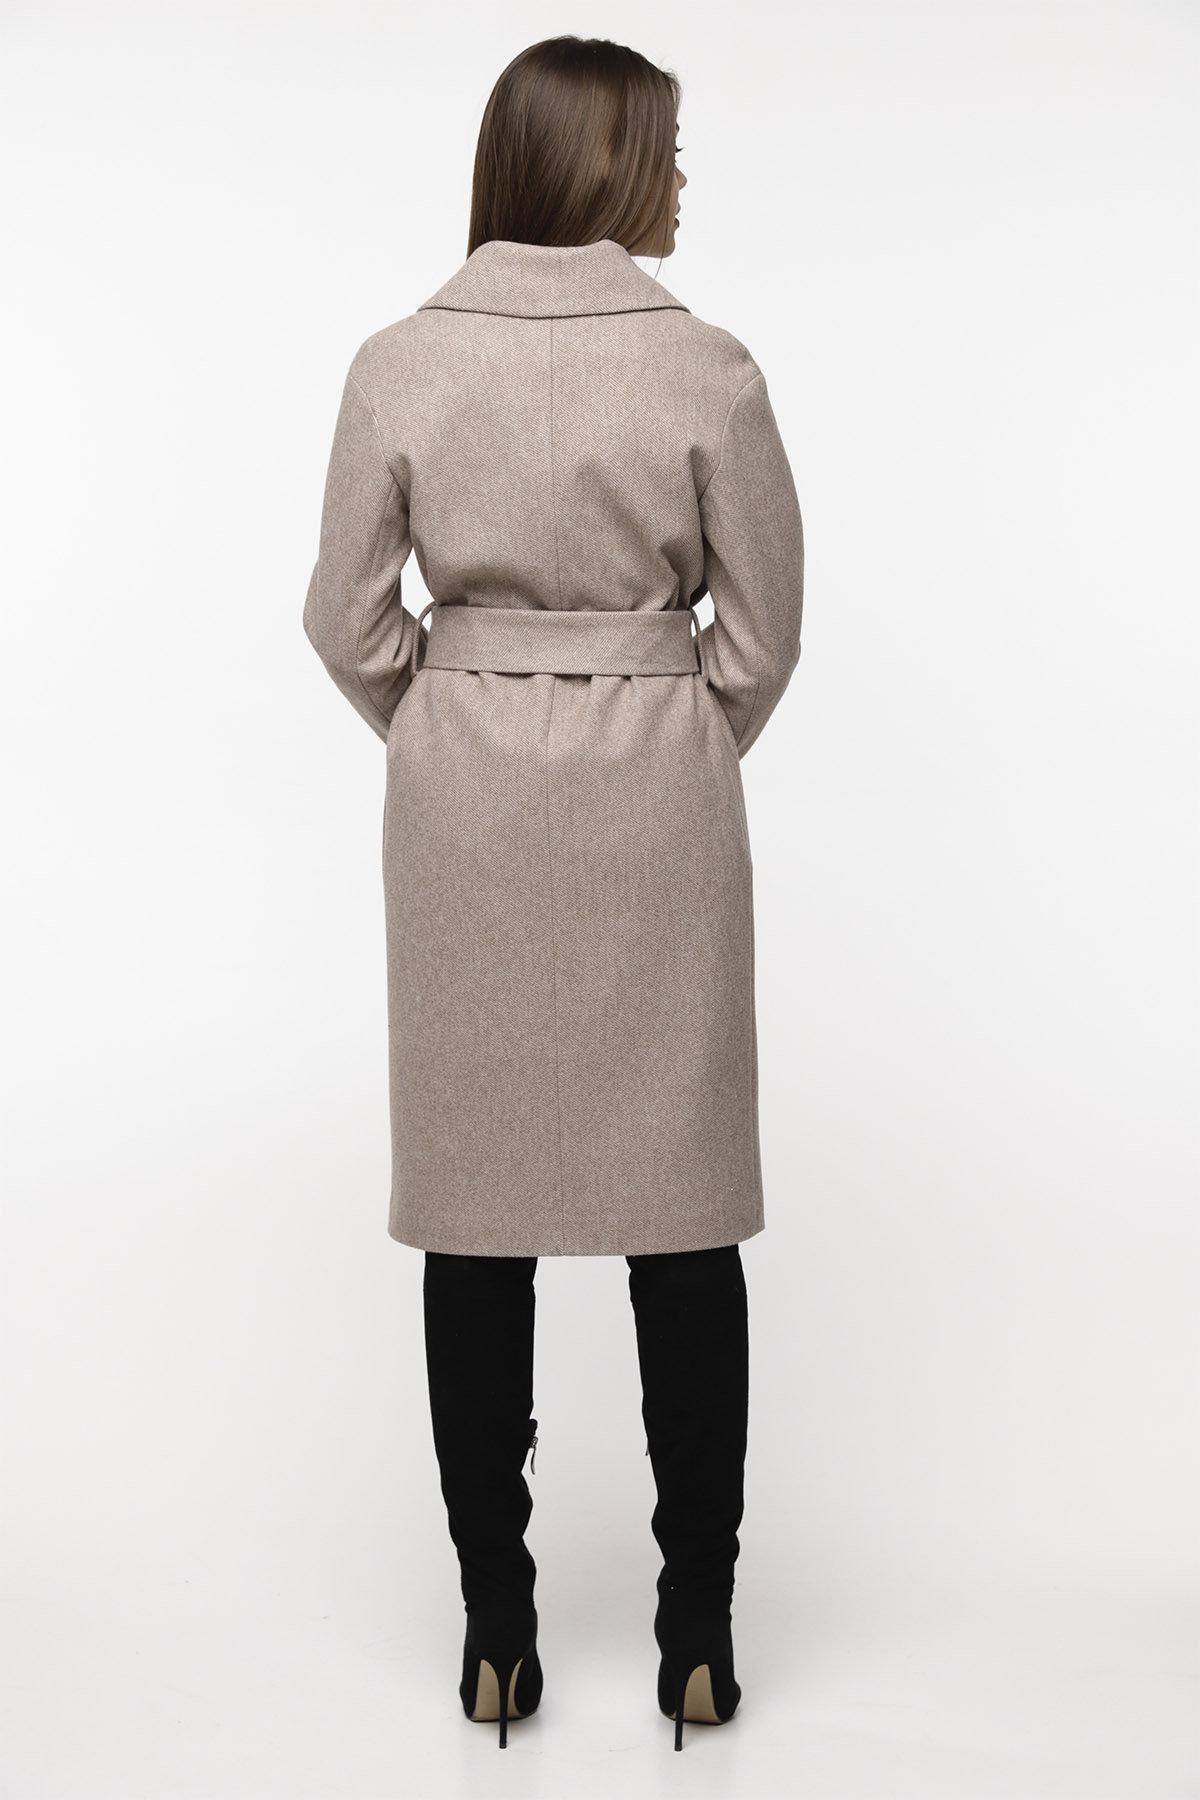 Демисезонное пальто бежевого цвета Севен 8757 АРТ. 45113 Цвет: Бежевый - фото 4, интернет магазин tm-modus.ru